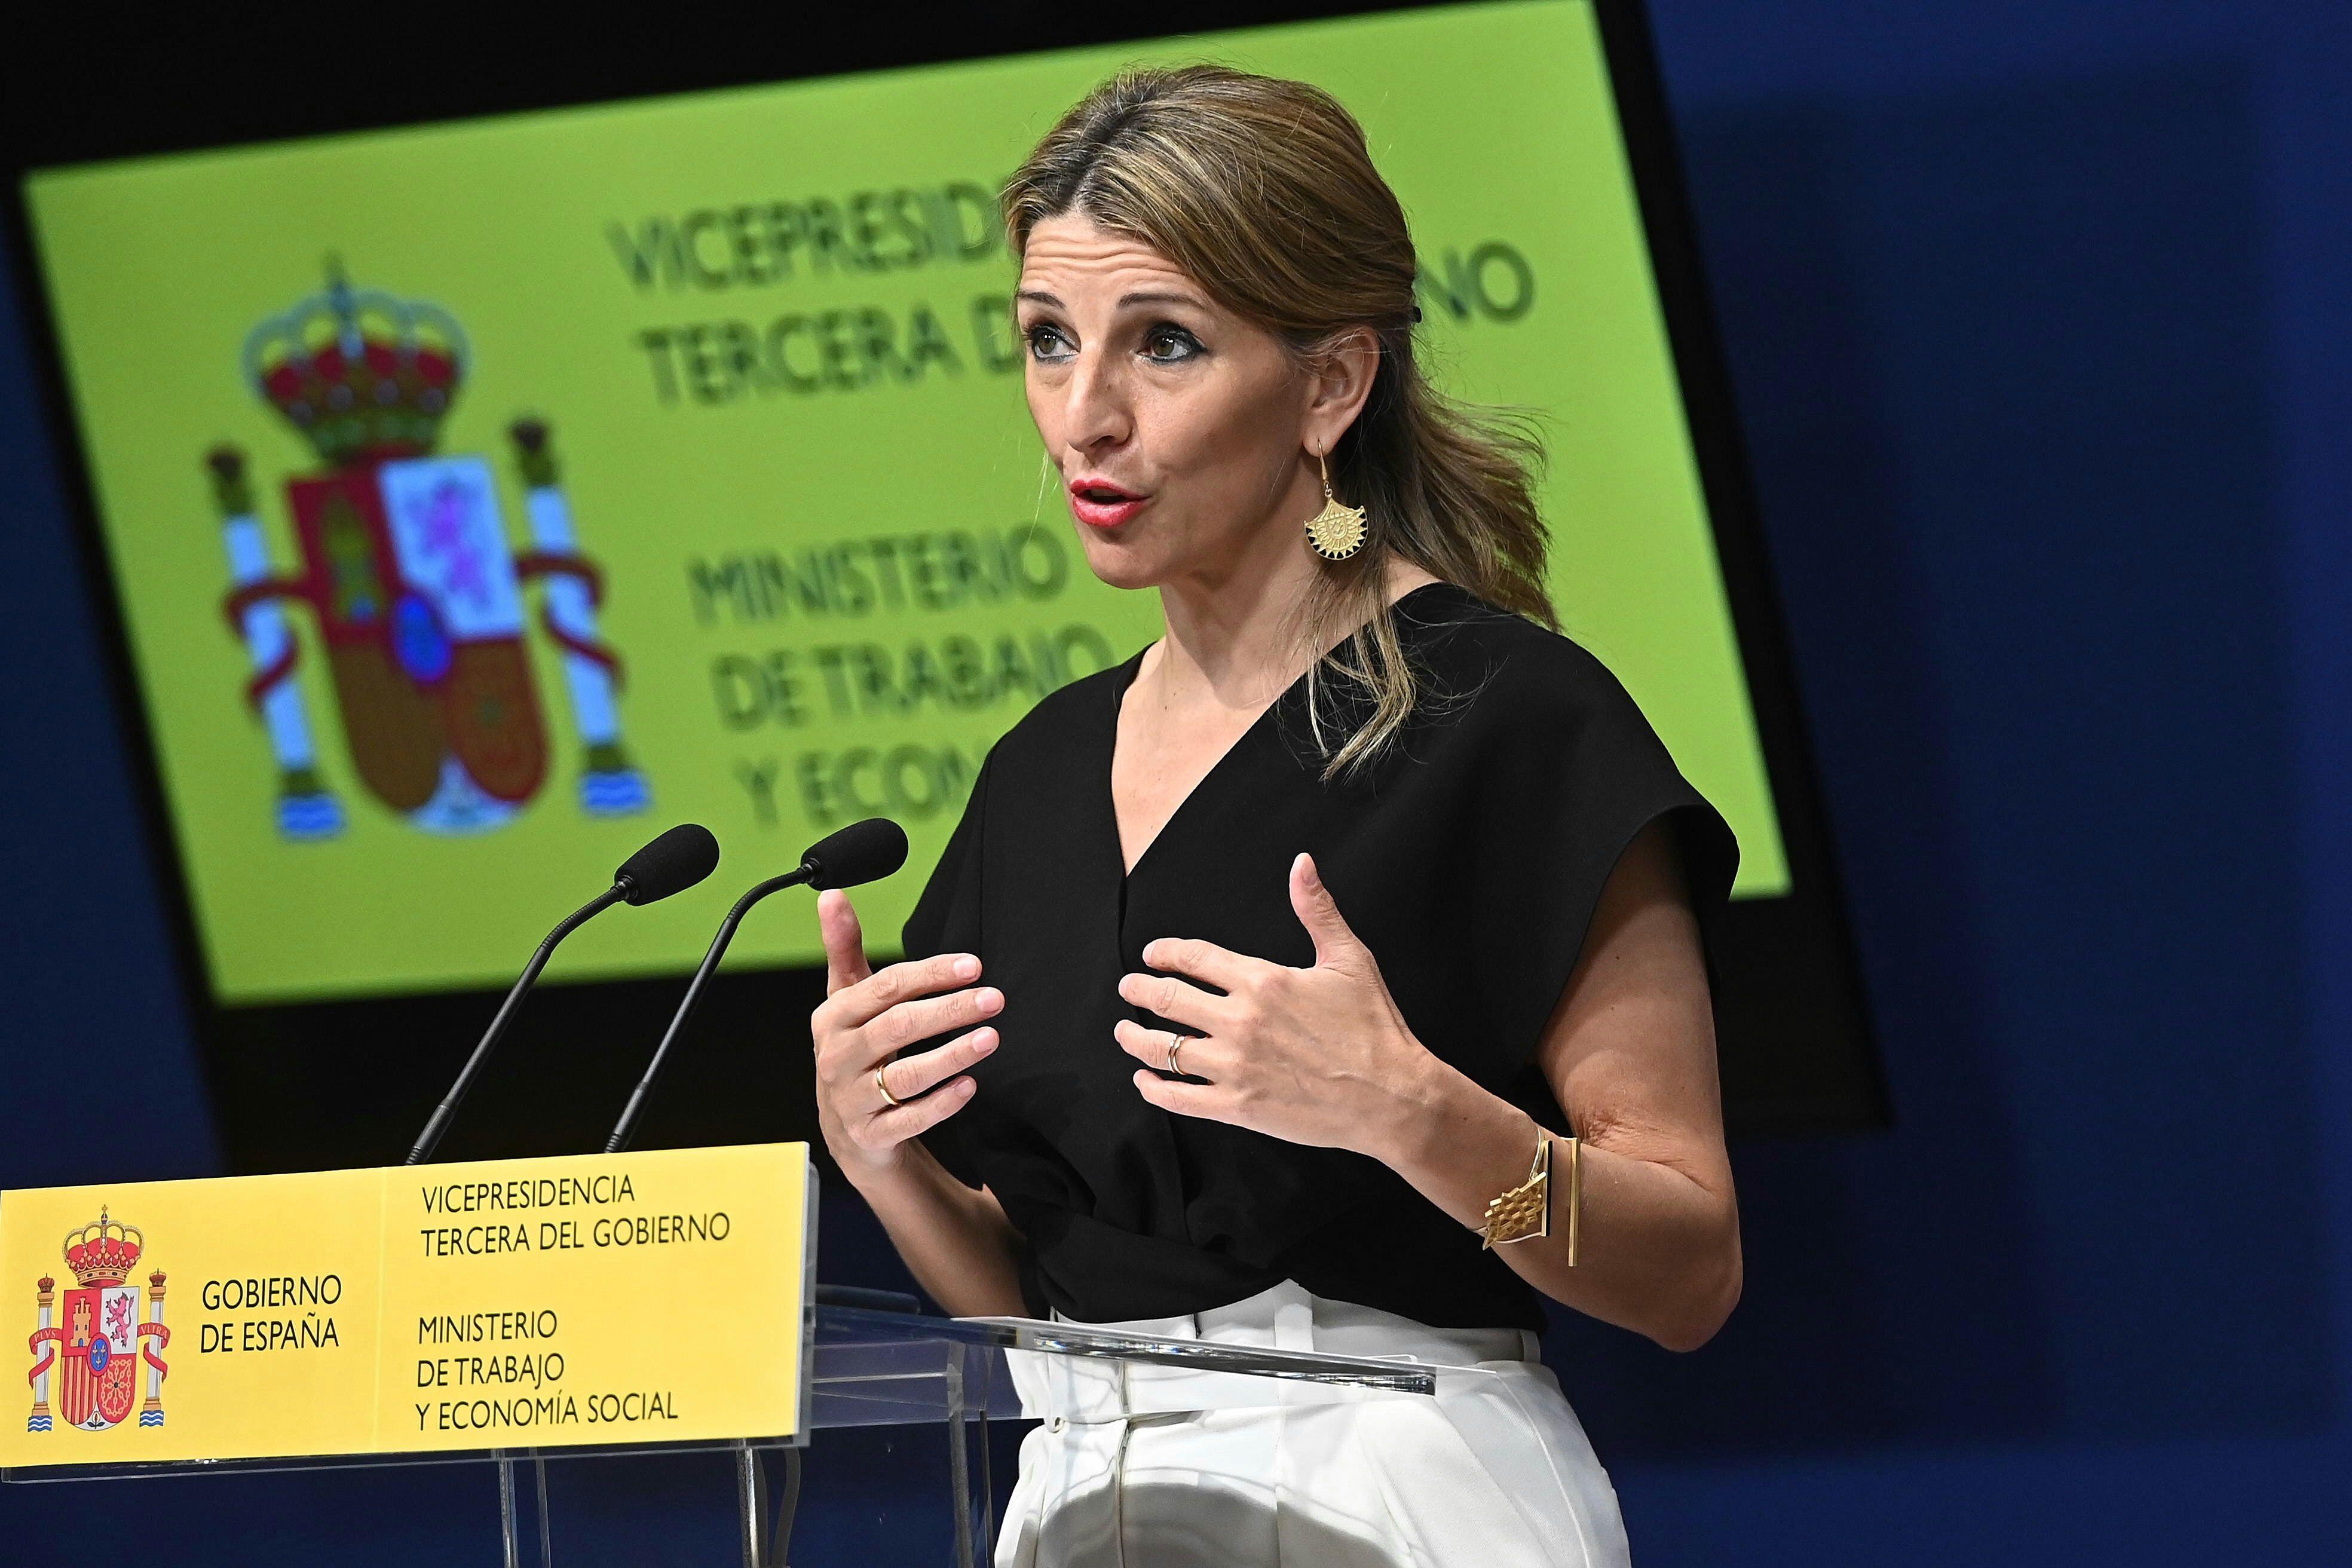 La ministra de Trabajo, Yolanda Díaz en la presentación de la propuesta para la Conferencia Sectorial en materia de Políticas Activas de Empleo.